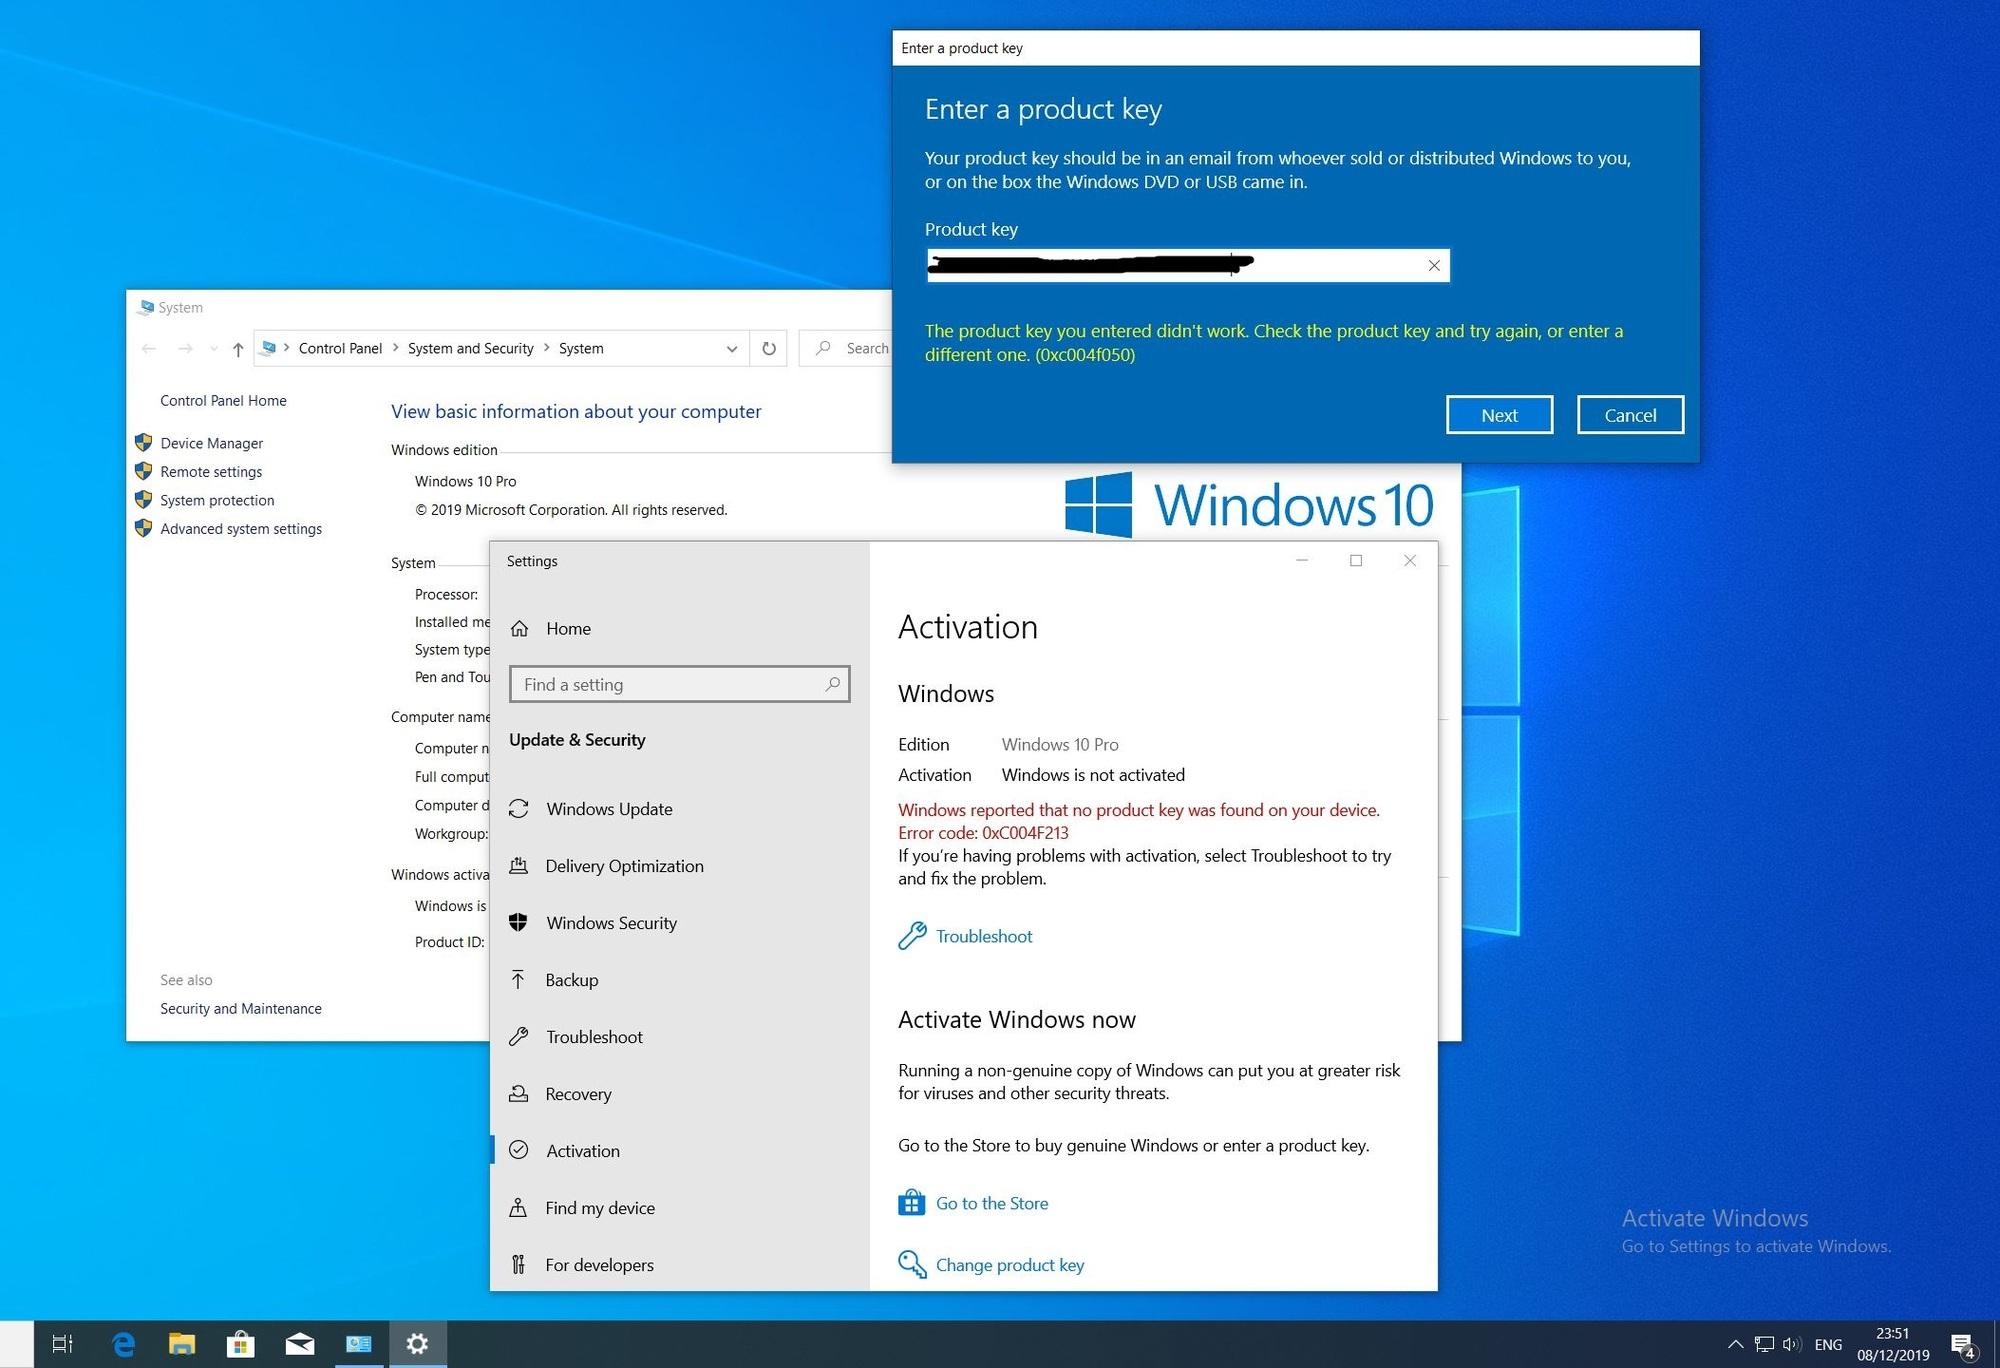 0xc004f050 Windows 10 Pro Activation b8b77a18-d05d-4579-9d17-b4529b31fad2?upload=true.jpg